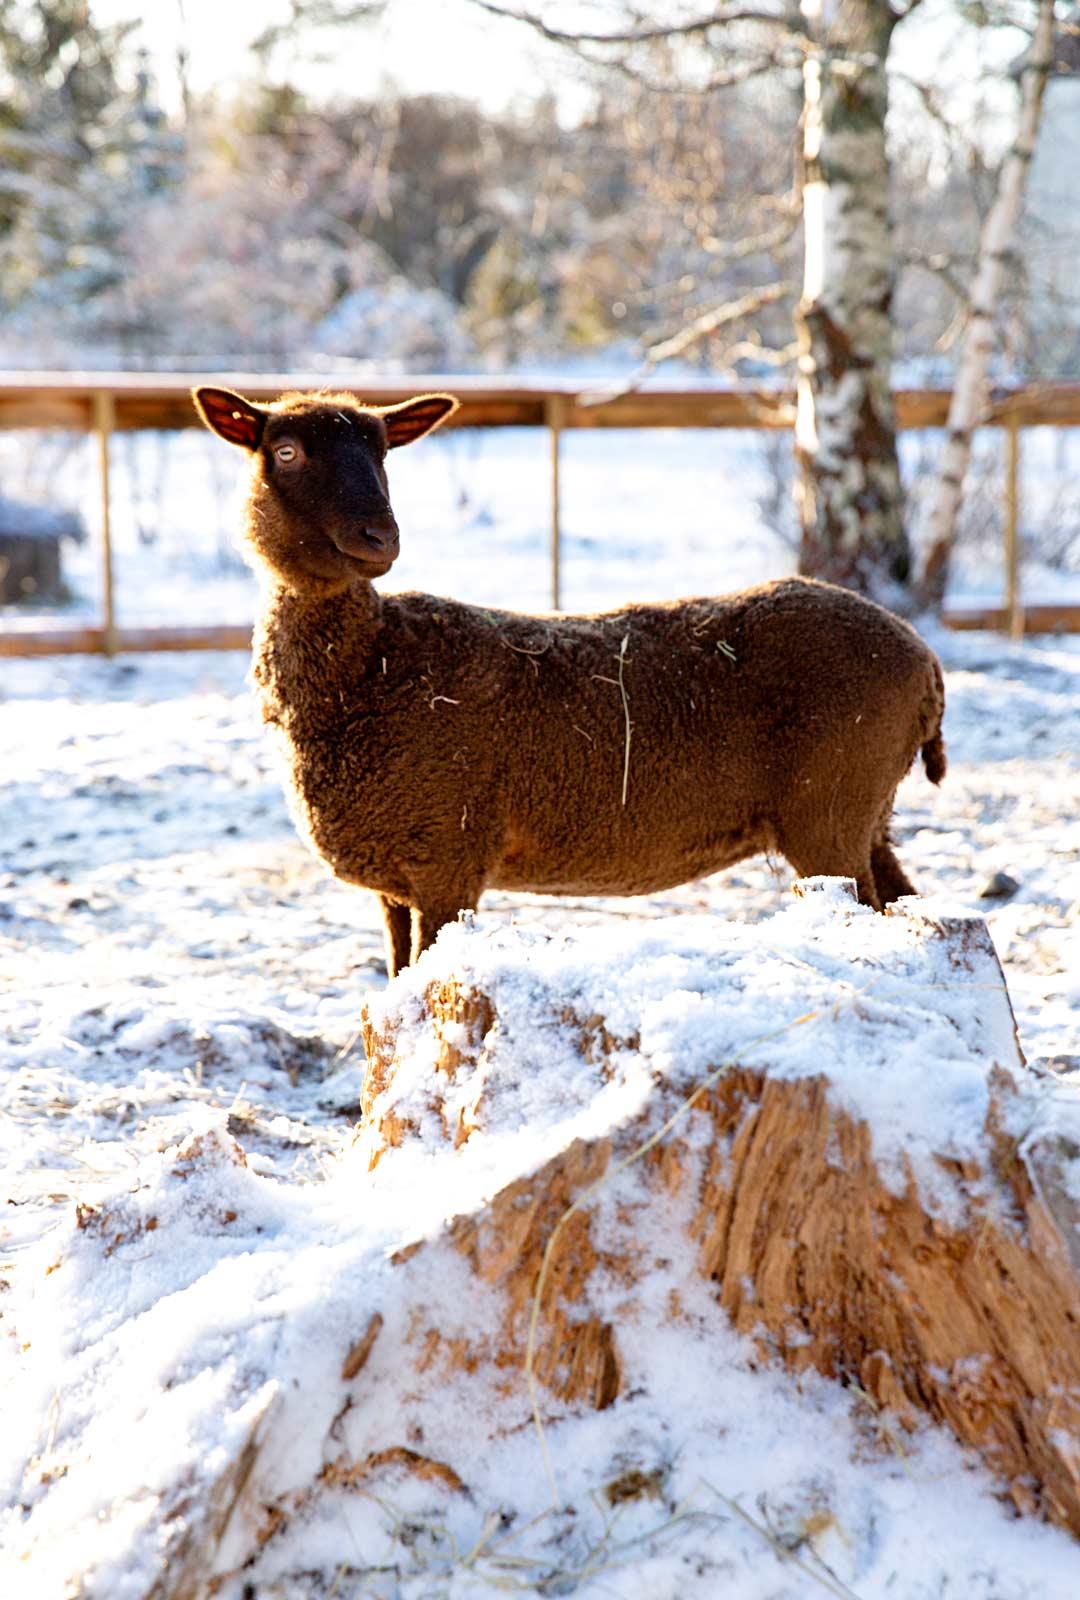 Maatila Kuninkaan valtakunnan eläimet on nimetty tangokuninkaallisten mukaan. Kuvassa Taina-lammas.